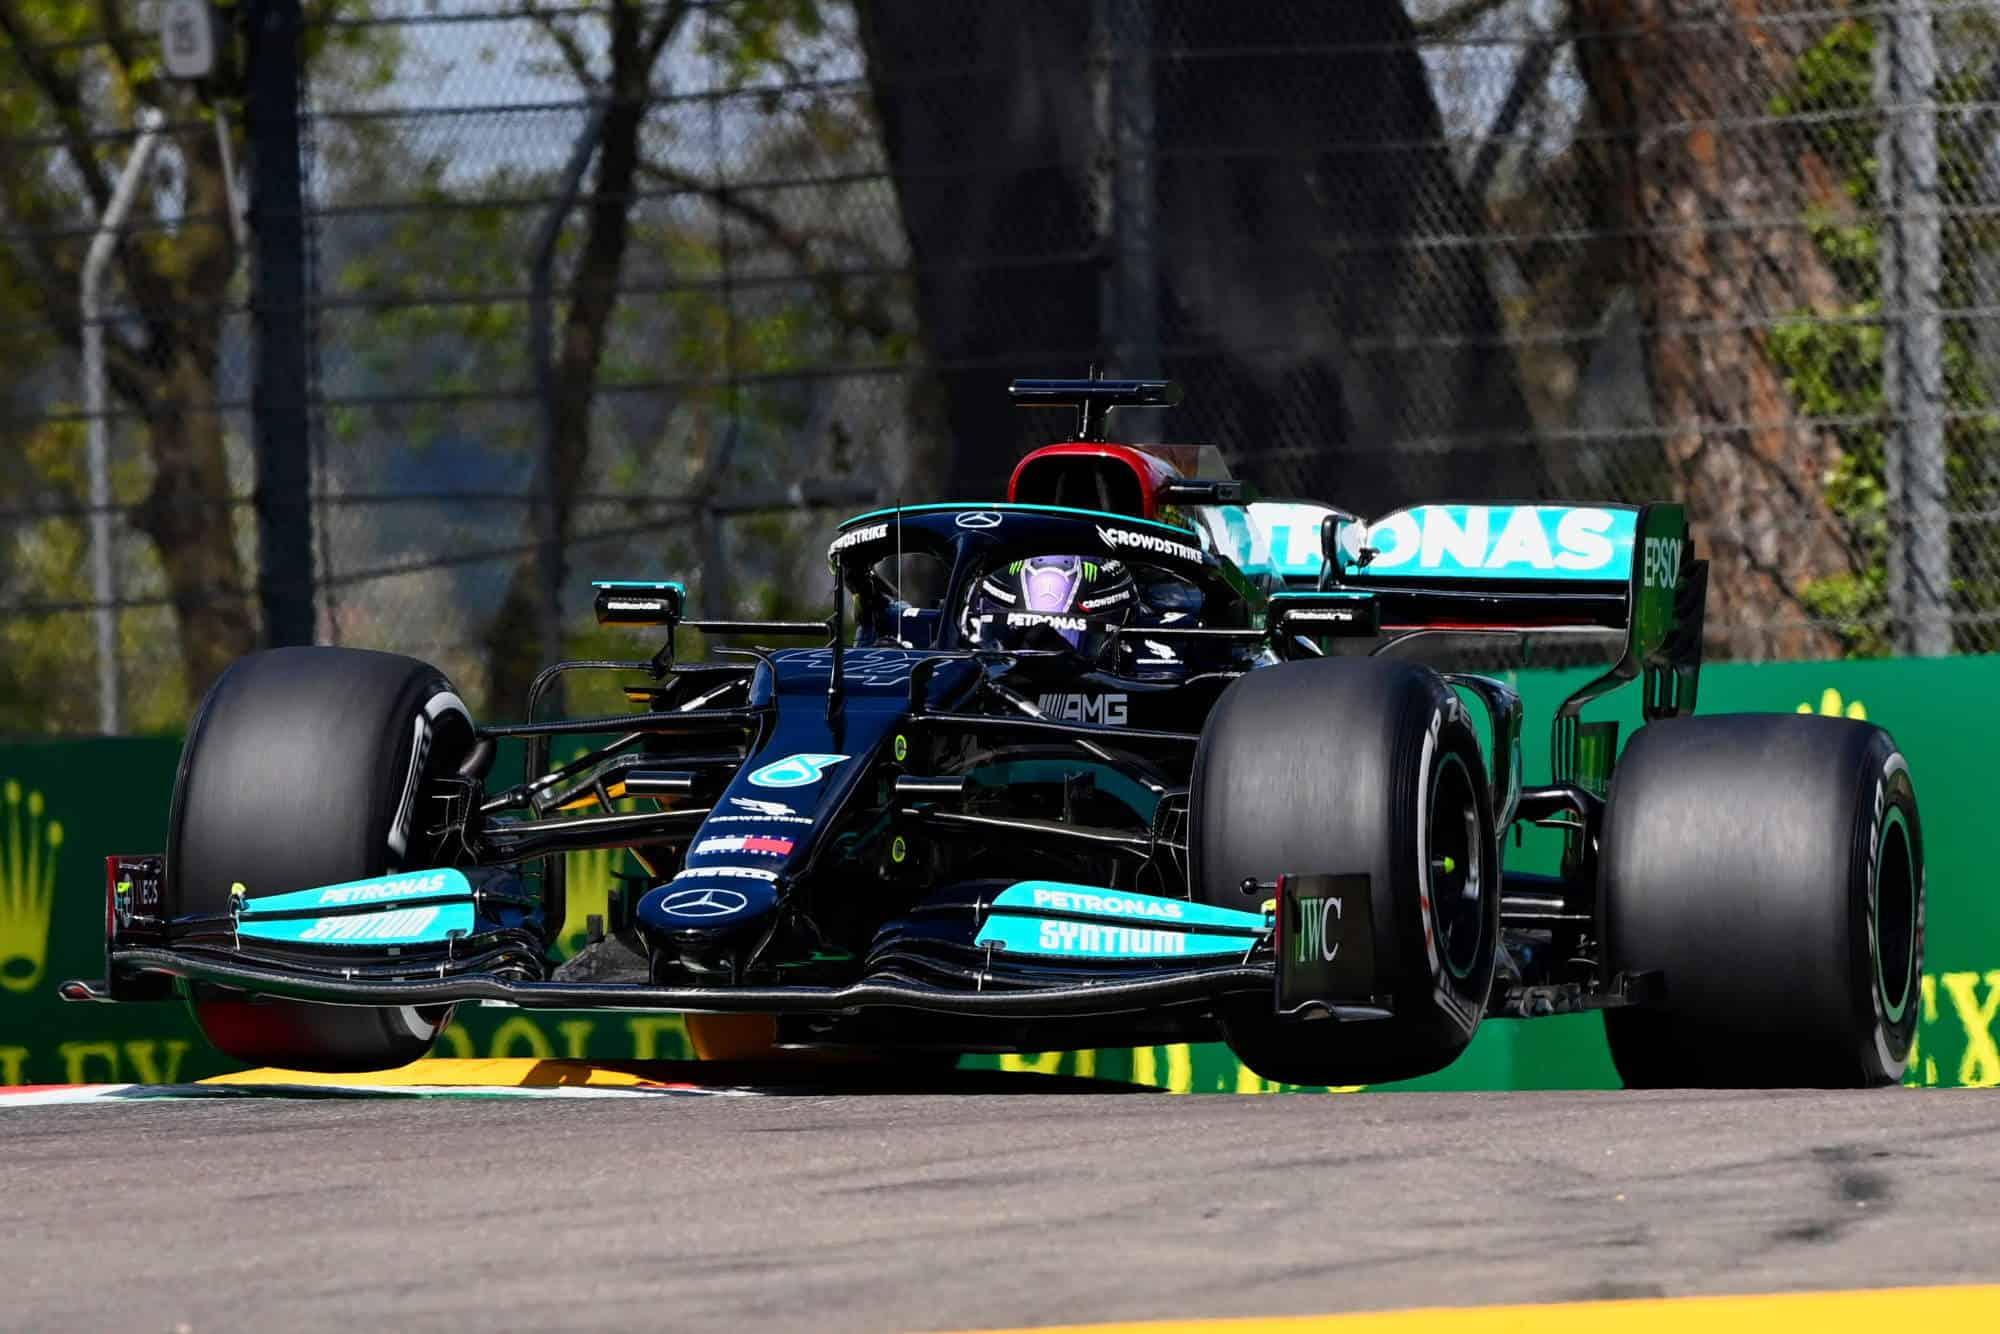 2021 Emilia Romagna GP Imola Hamilton Mercedes F1 W12 in the air Variante Alta FP1 hard Pirelli tyres C2 Photo Daimler